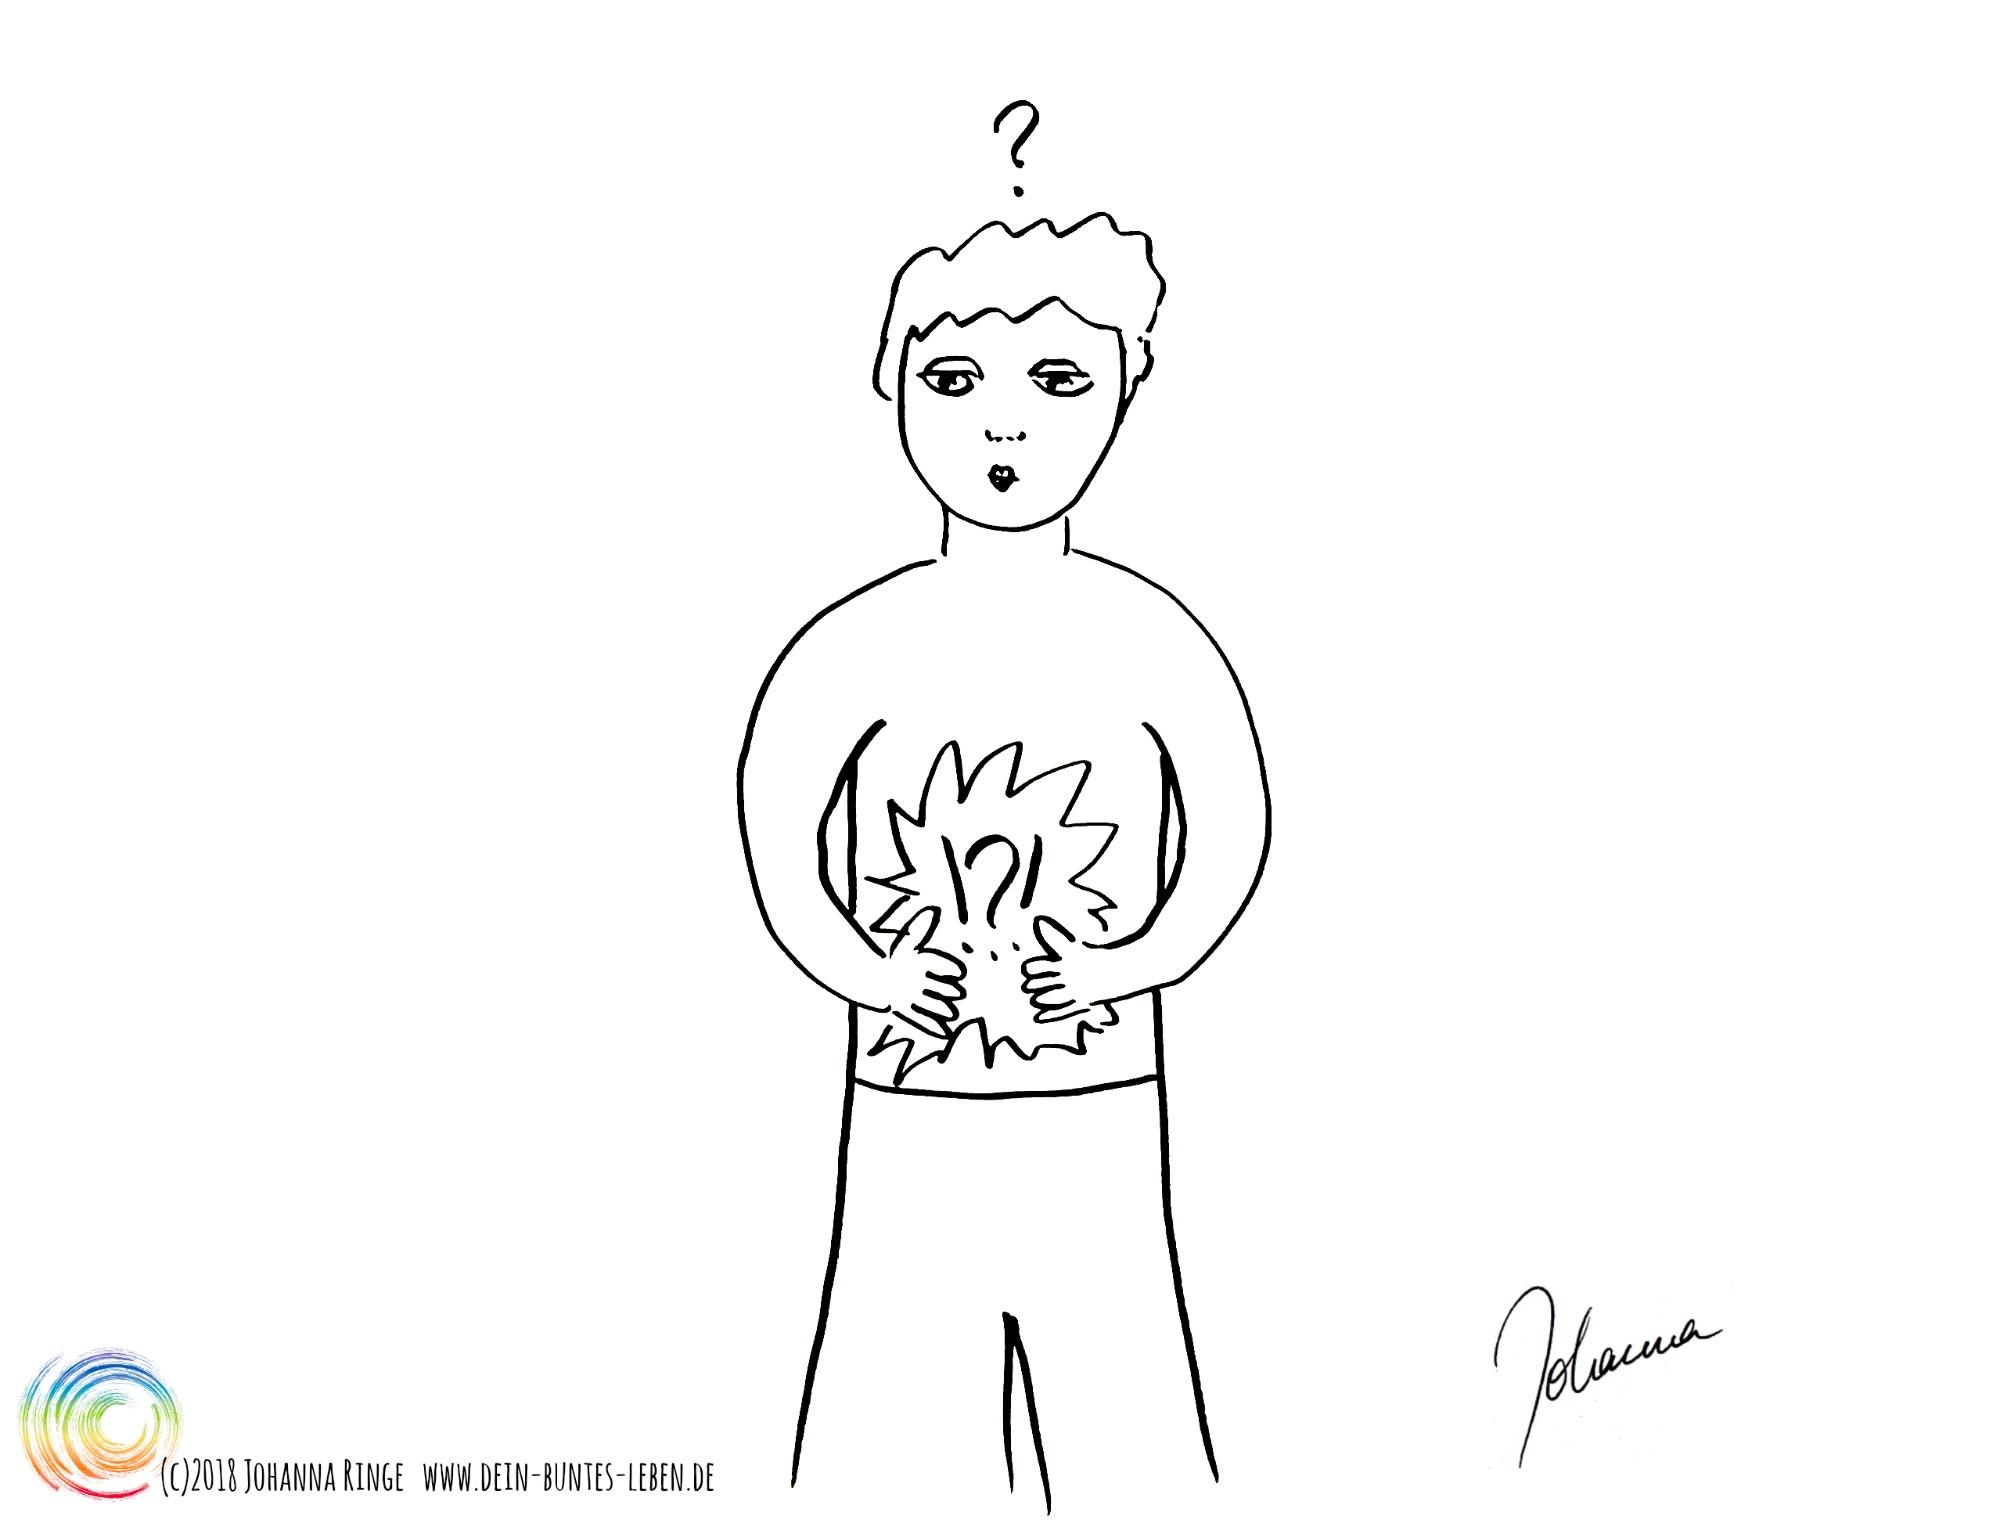 Bauchgefühl als Zeichnung: ein Mensch steht da und blickt fragend auf seinen Bauch, der Fragezeichen und Ausrufezeichen zeigt. (c) 2018 Johanna Ringe www.dein-buntes-leben.de